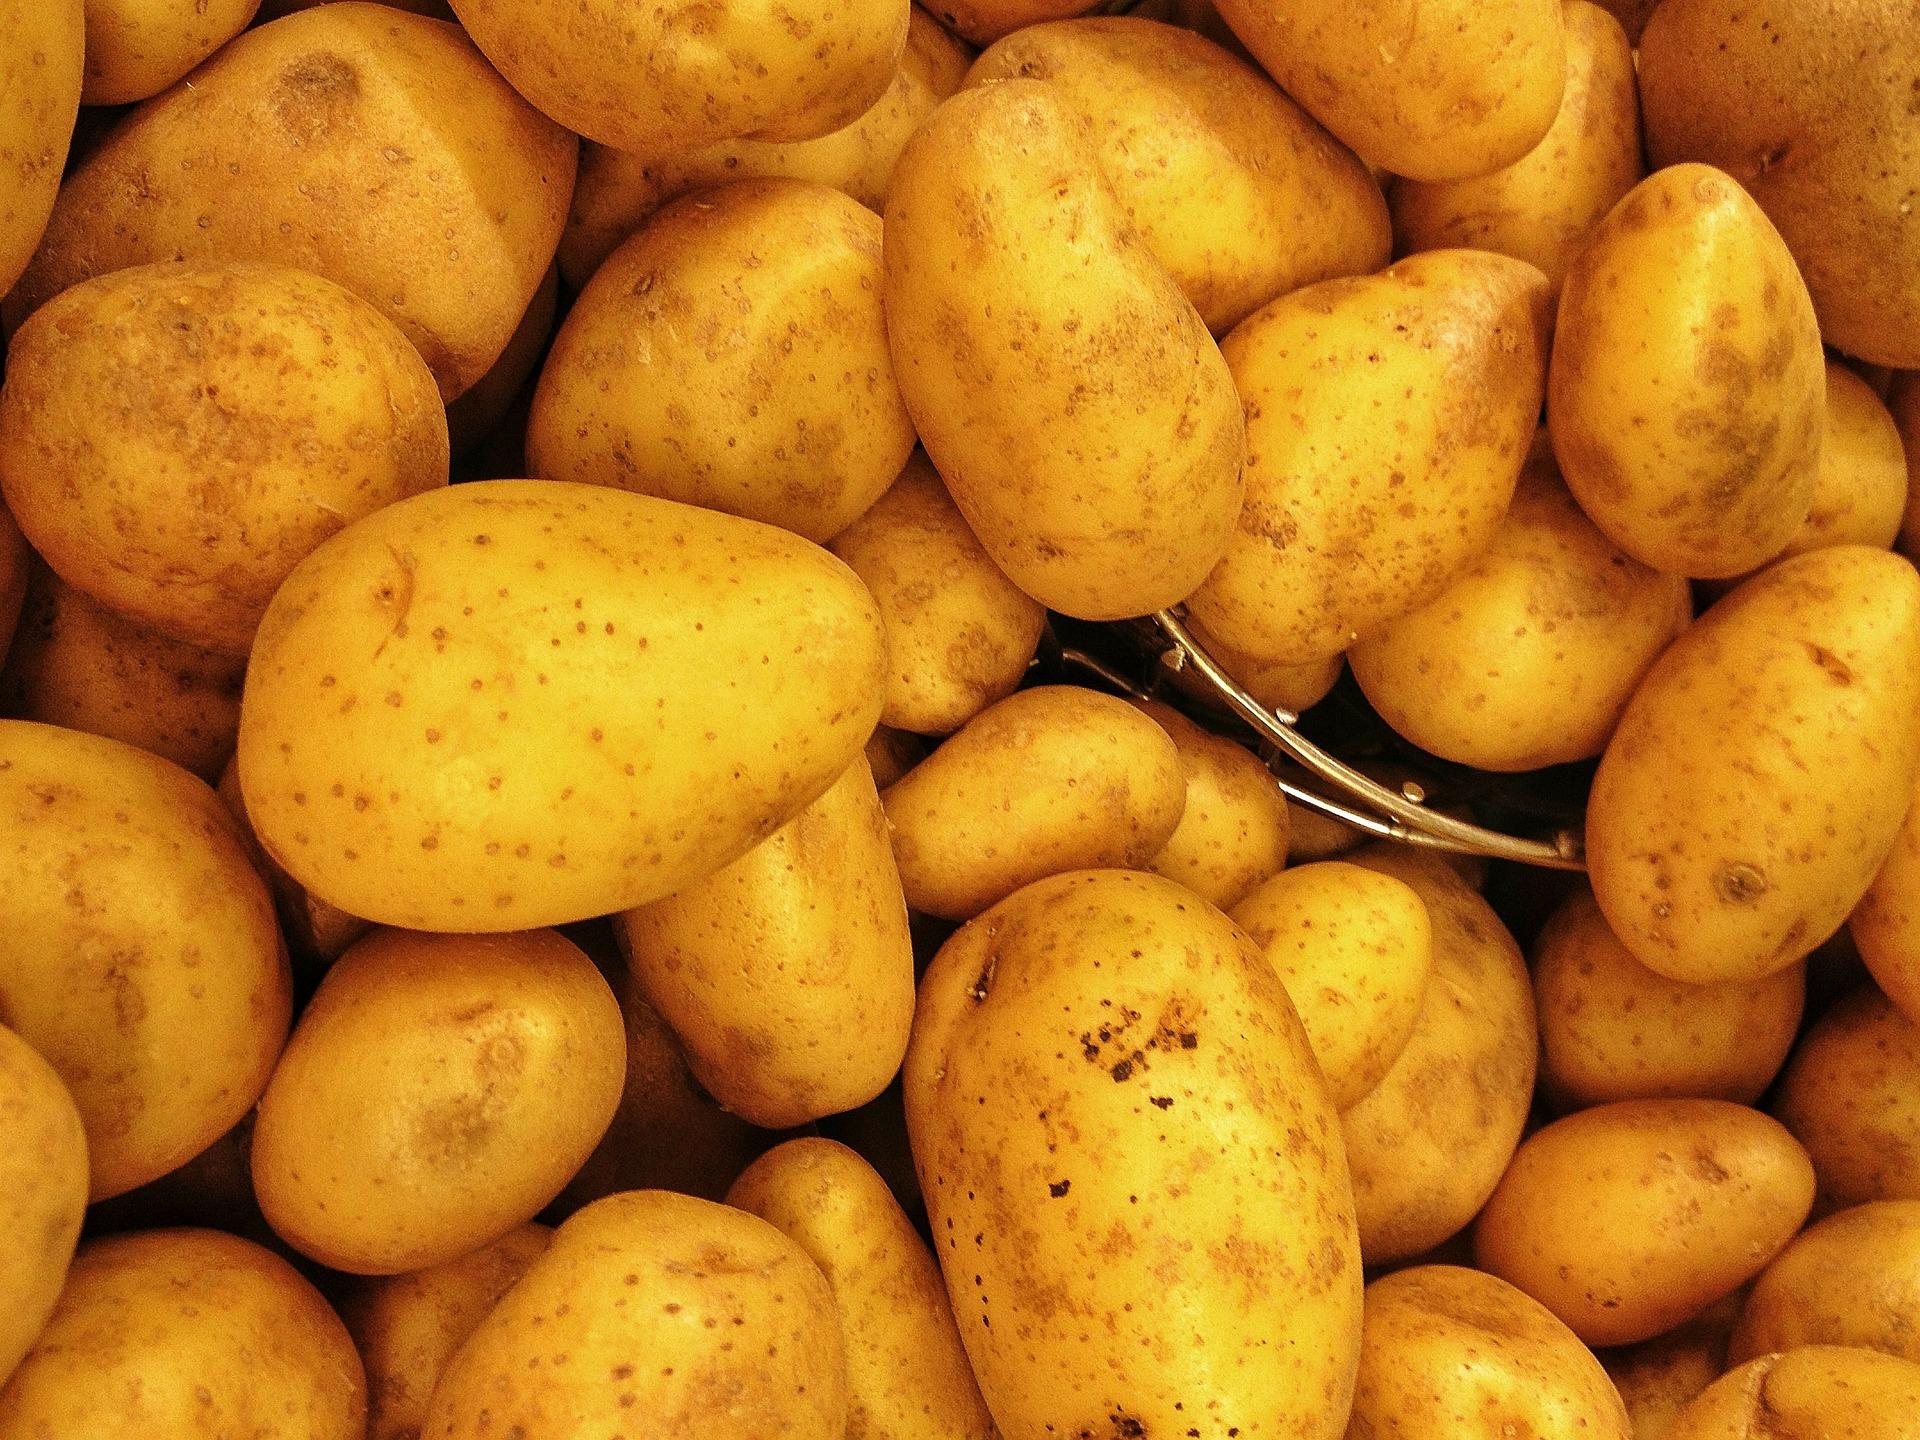 Висоцький назвав чотири критично важливі напрями для розвитку картоплярства